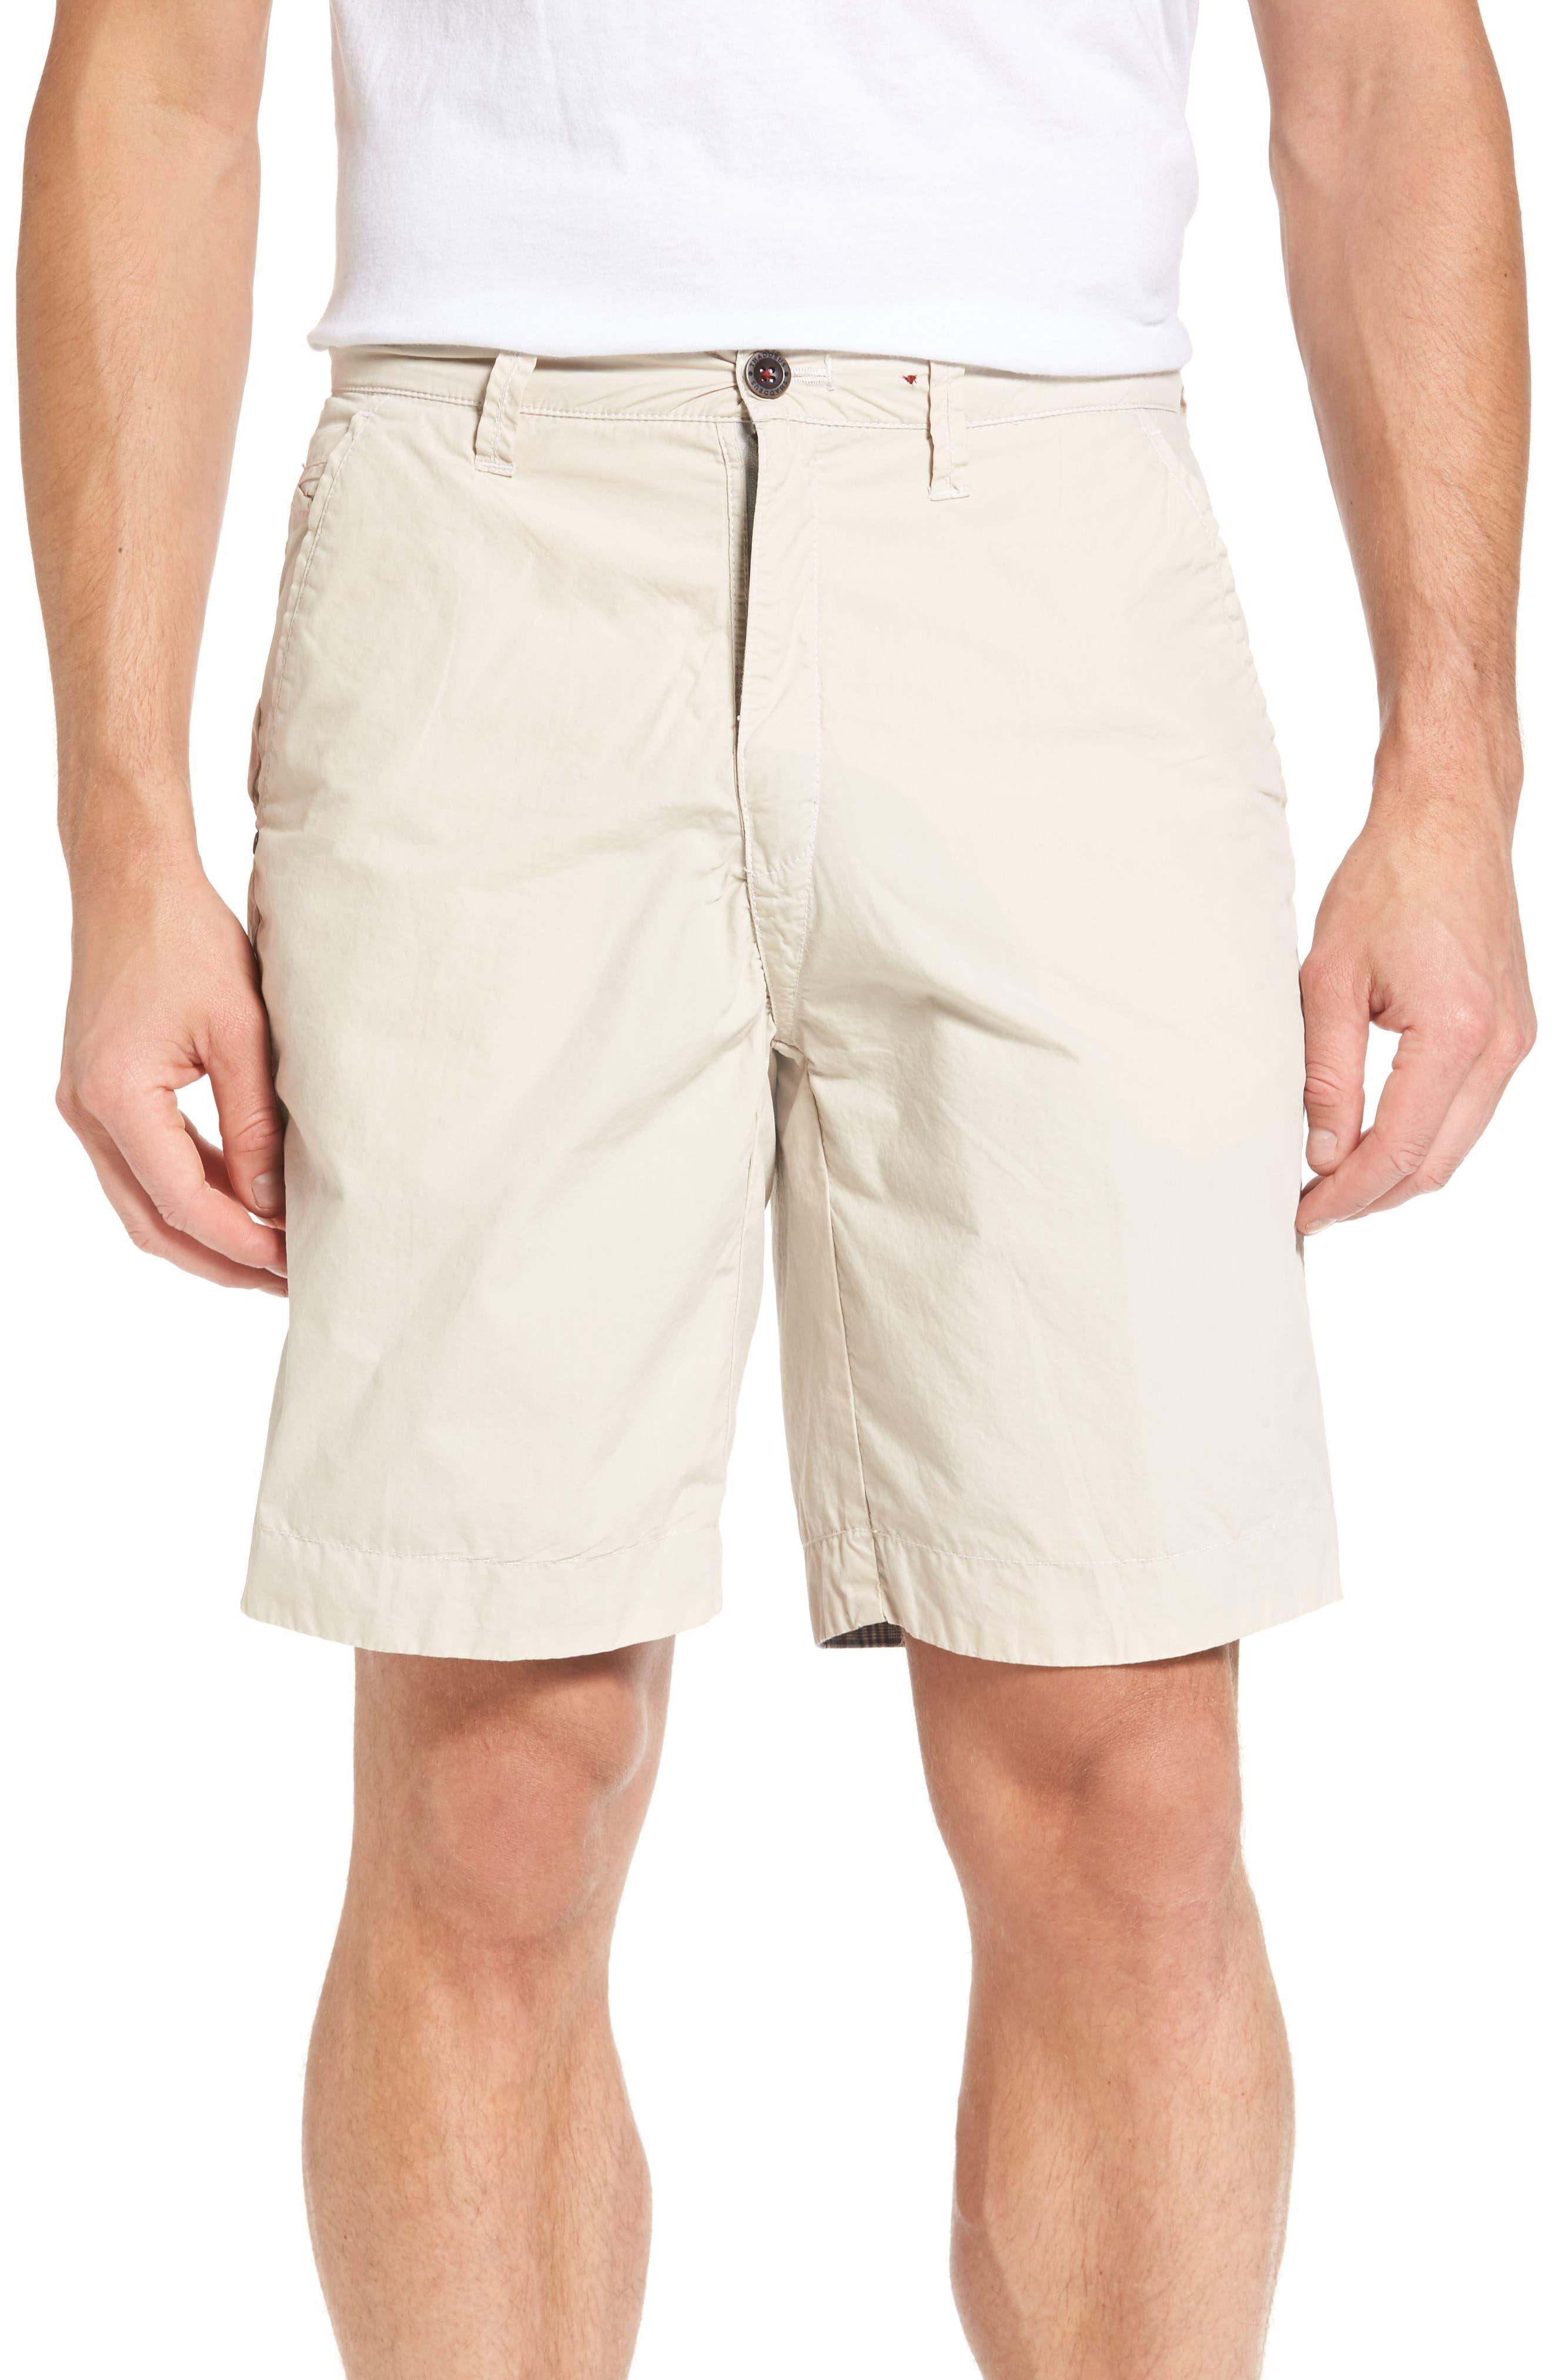 Darlington Reversible Flat Front Shorts,                         Main,                         color, 290